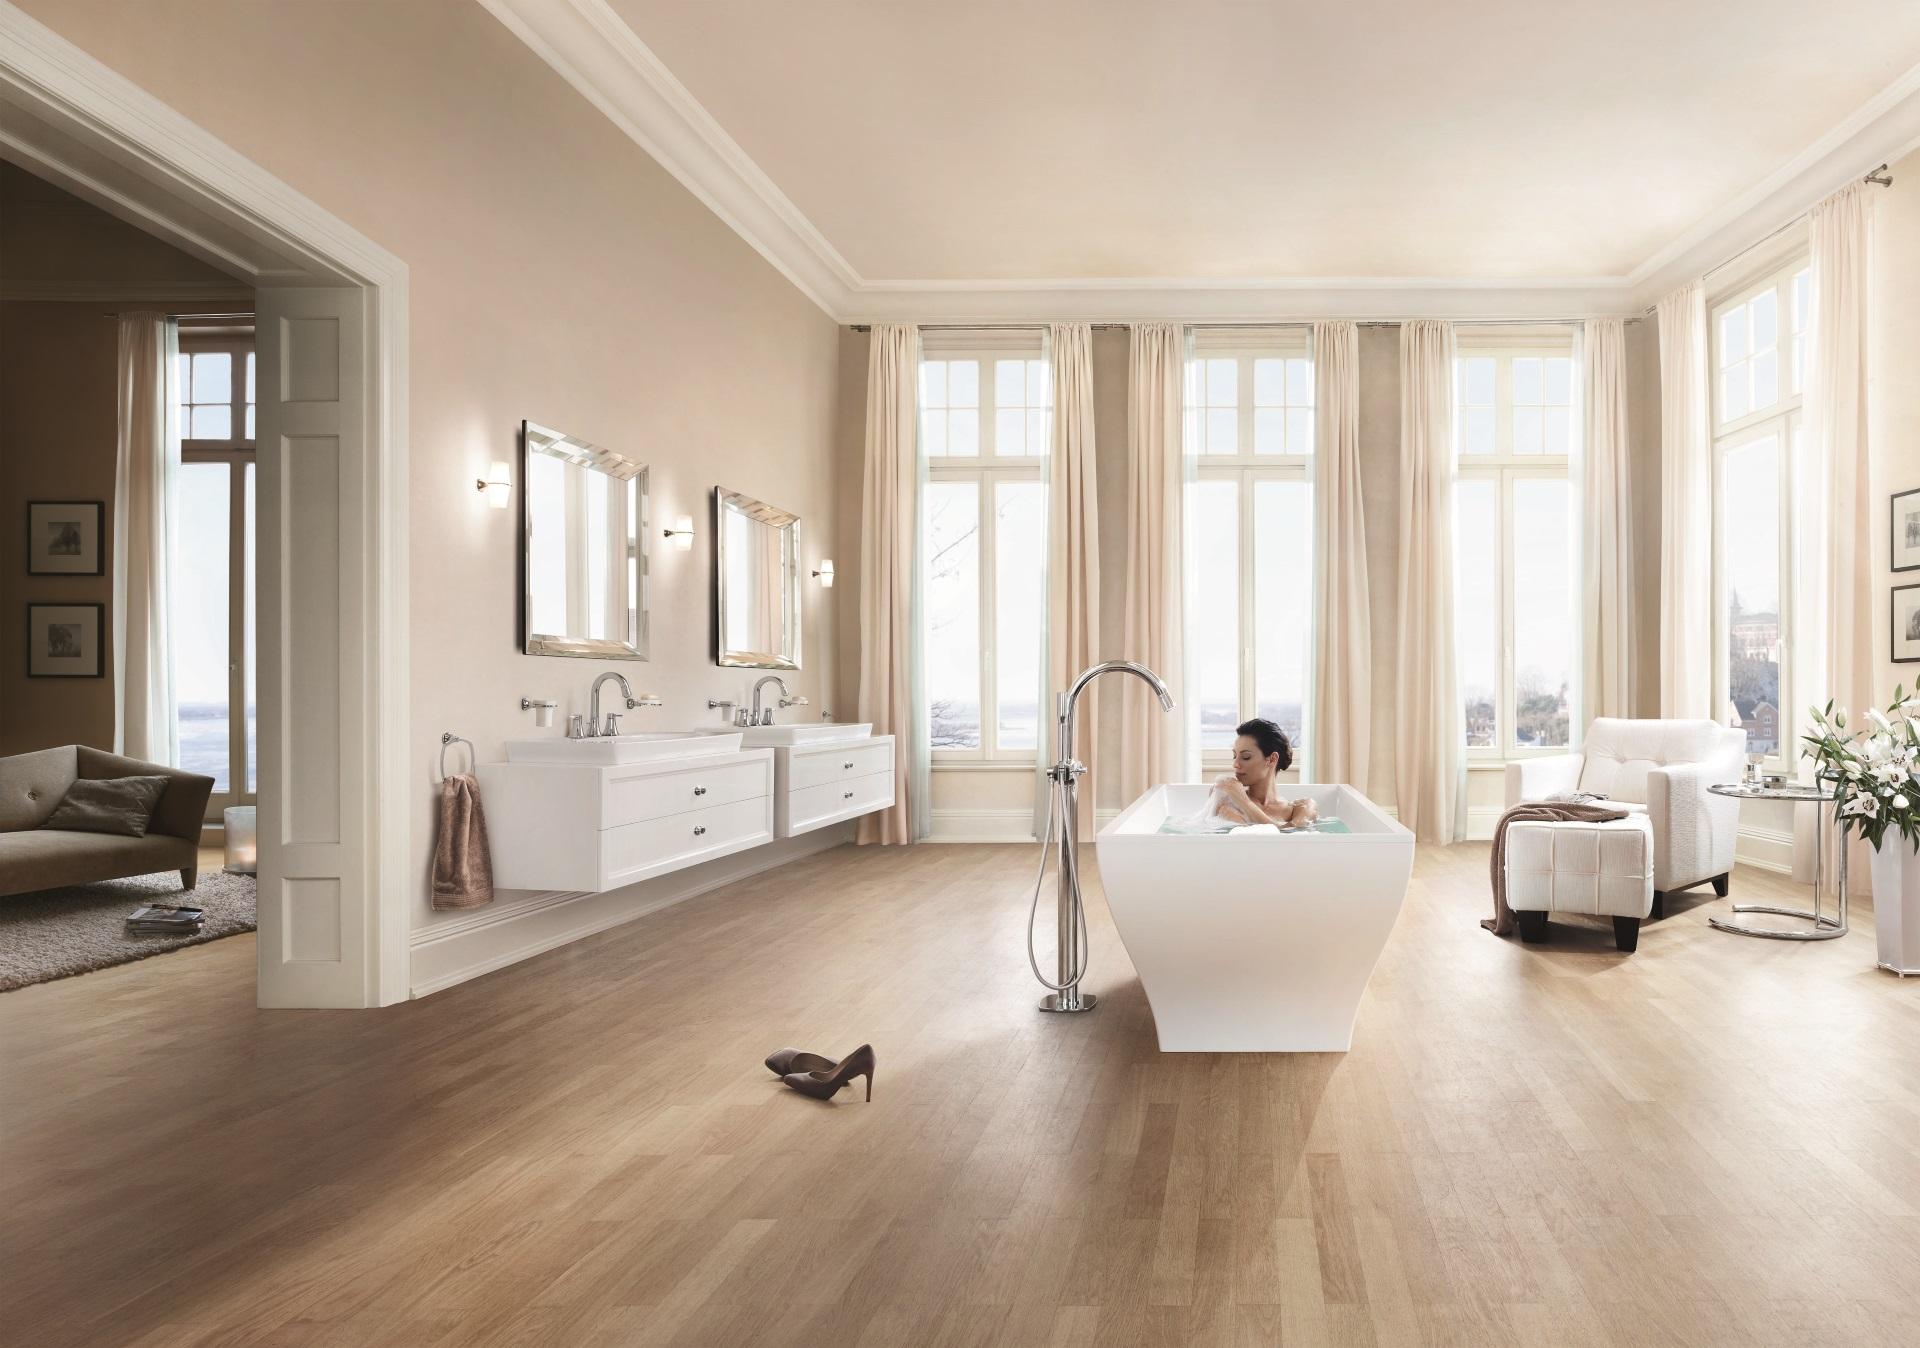 Abbildung klassisches Badezimmer mit Badewanne und zwei Waschtischen